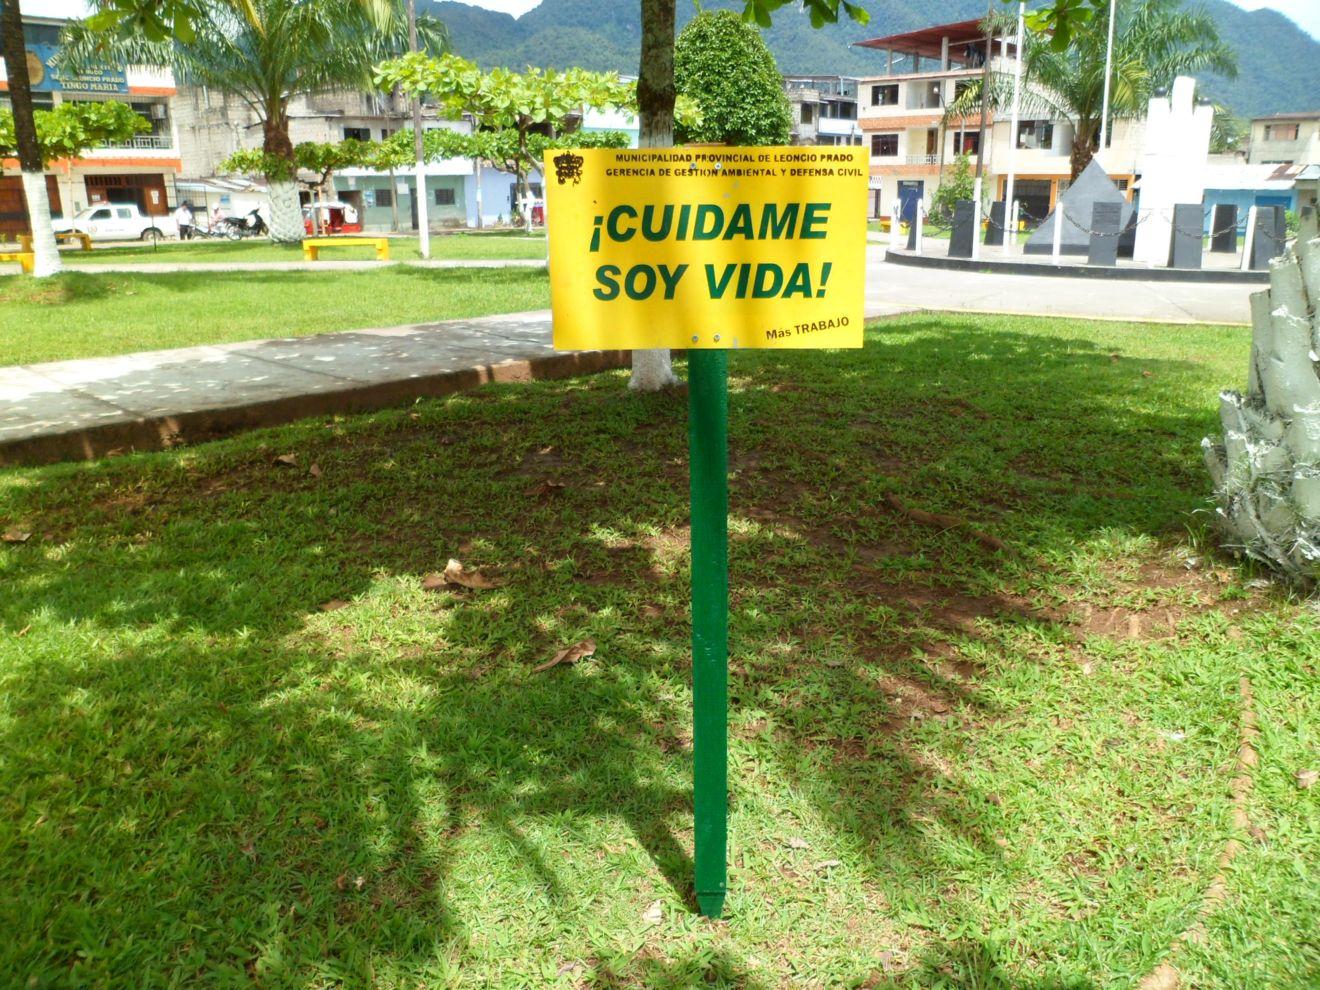 Colocan letreros para cuidar el medio ambiente | Inforegion